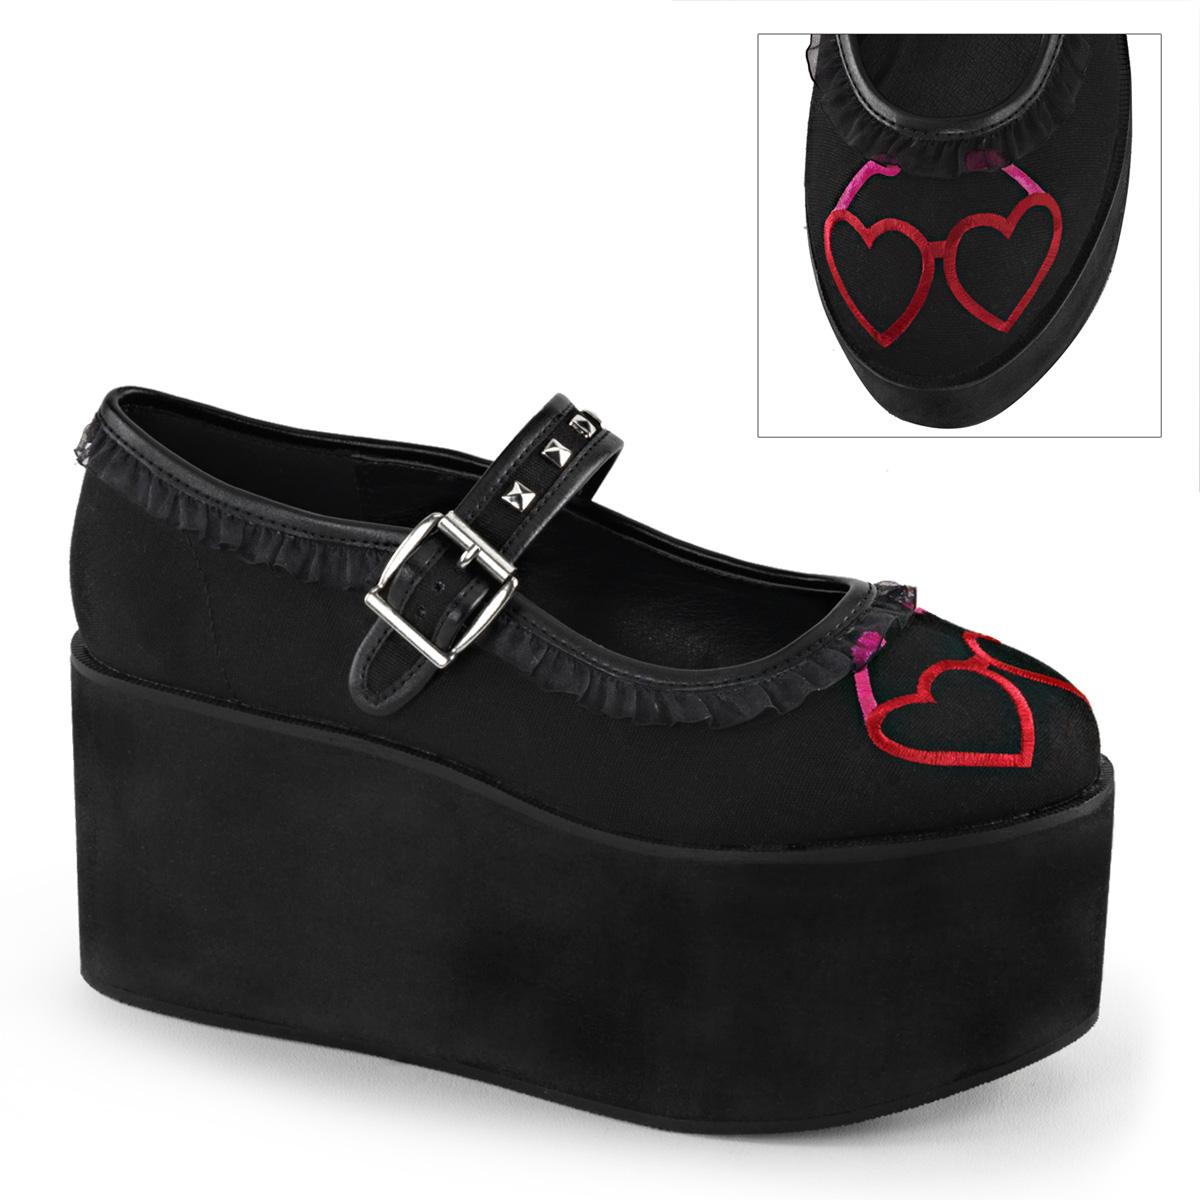 Demonia clic 02-1 3 1/4 PF Gótico Punk Zapatos de de Zapatos plataforma alternativa 9b0504